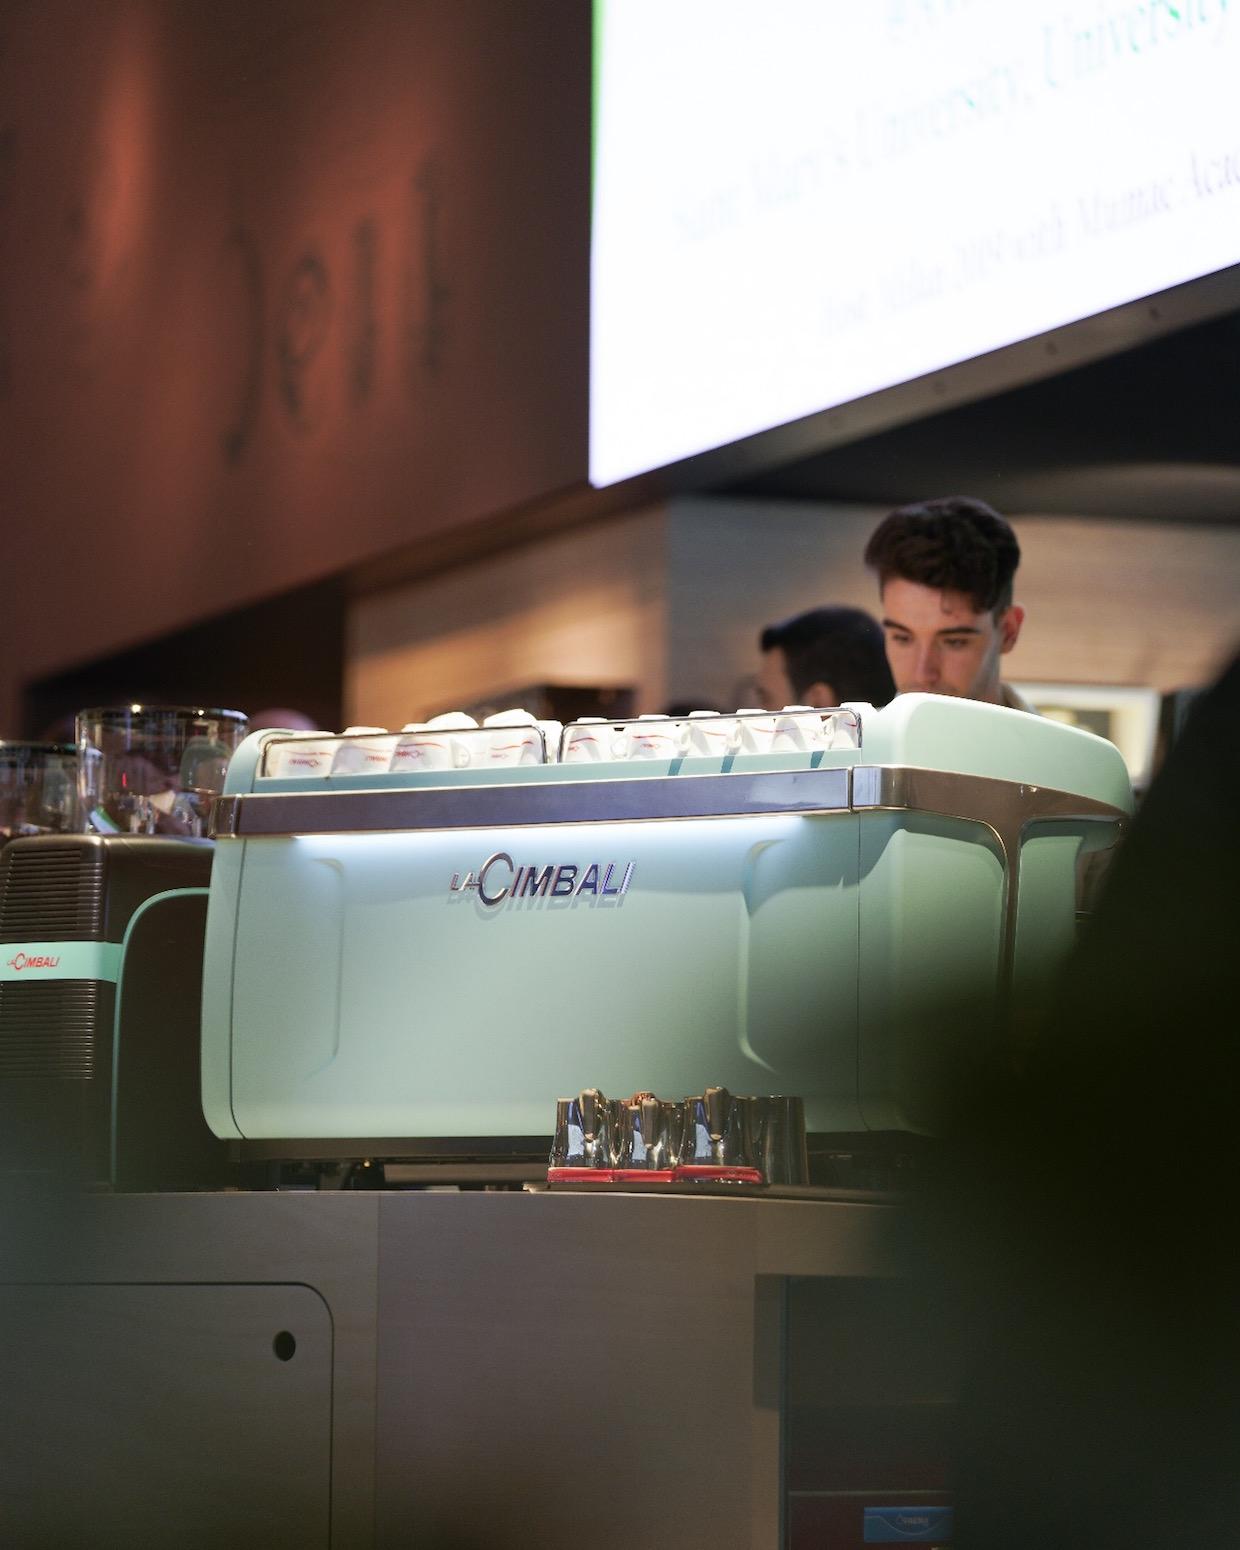 Espresso La Cimbali